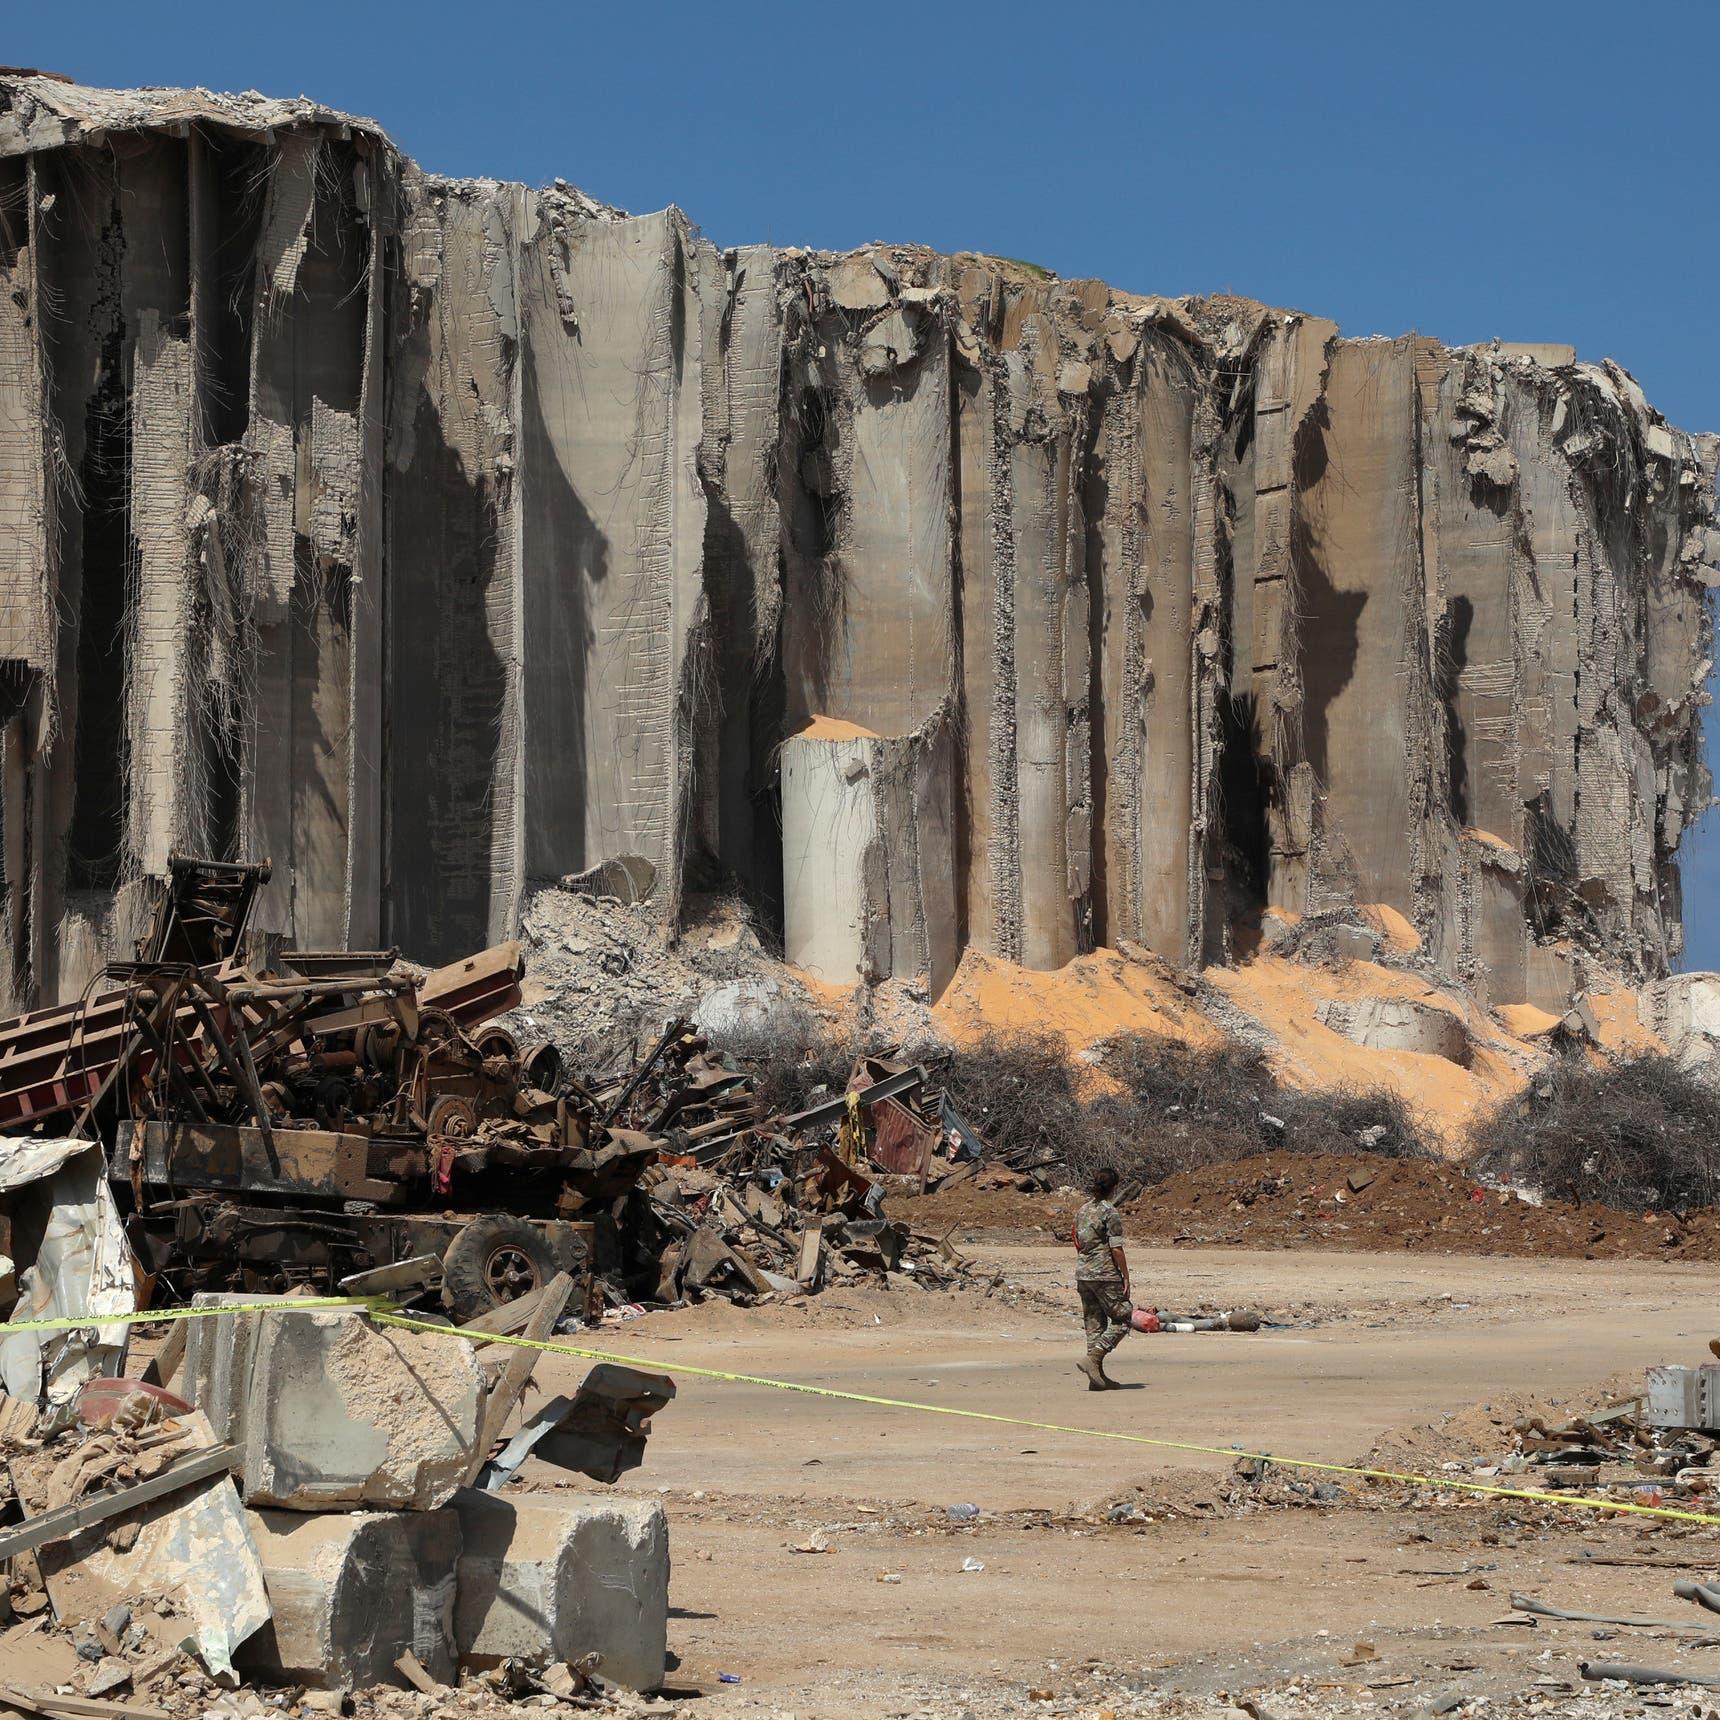 لبنان يقرر هدم صوامع الحبوب بعد تضررها بانفجار المرفأ